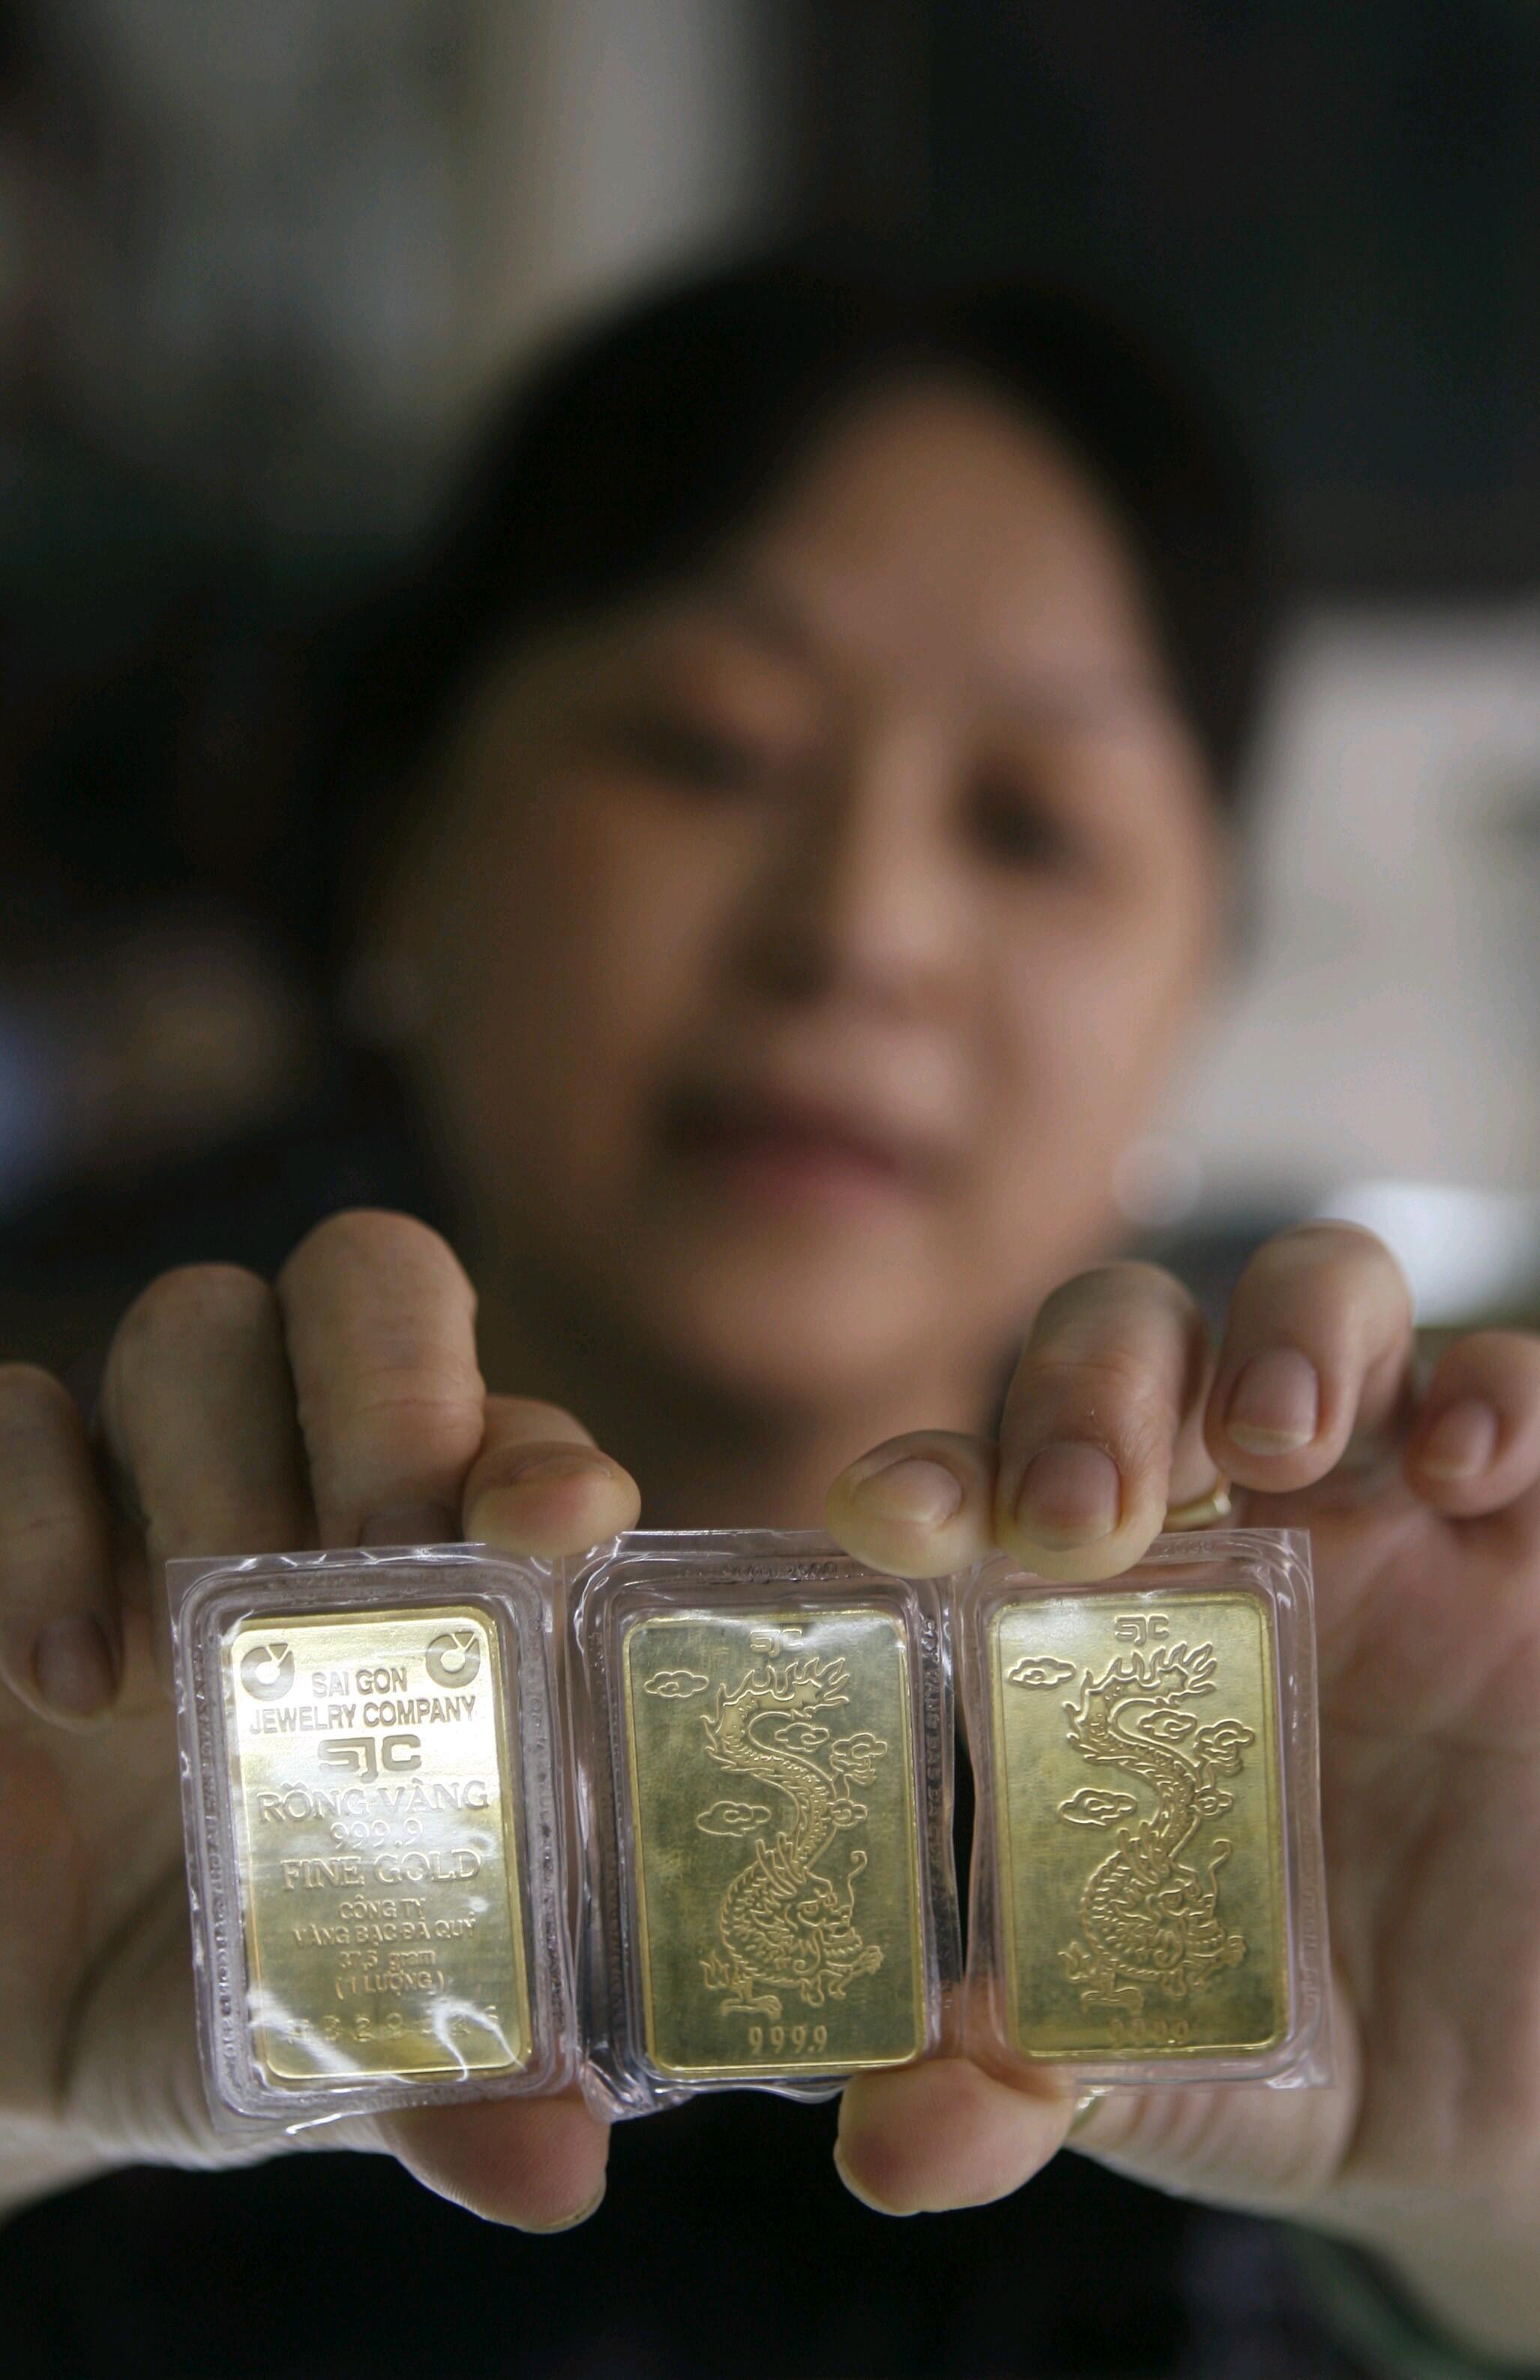 Vàng được bán tại một tiệm vàng ở Hà Nội. Ảnh chụp năm 2008.